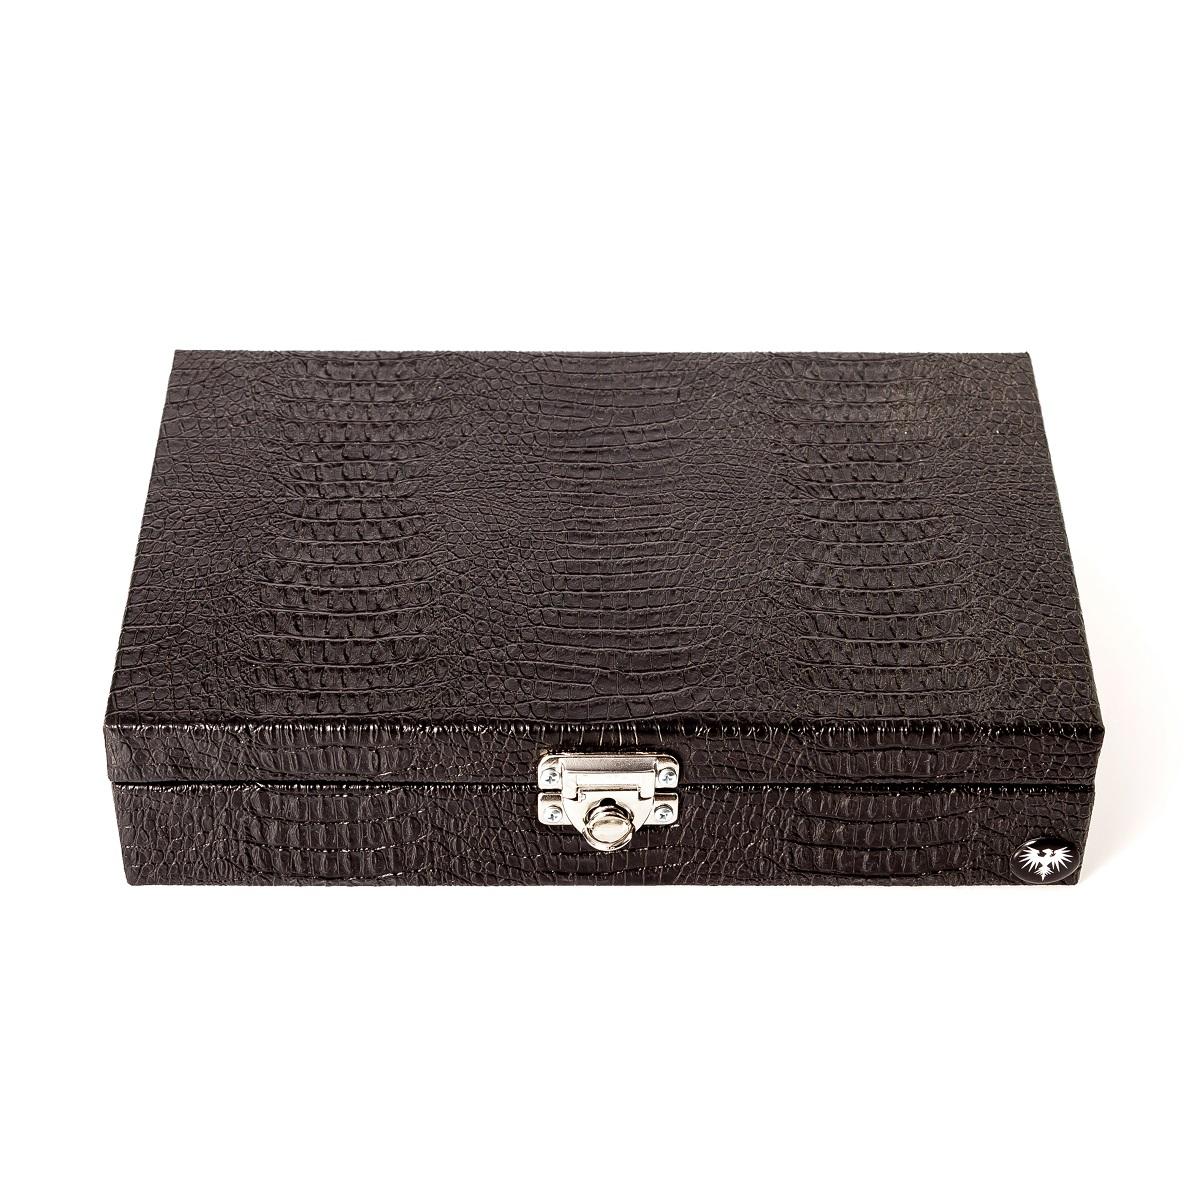 caixa-porta-joias-couro-ecologico-pequeno-preto-bege-imagem-5.jpg